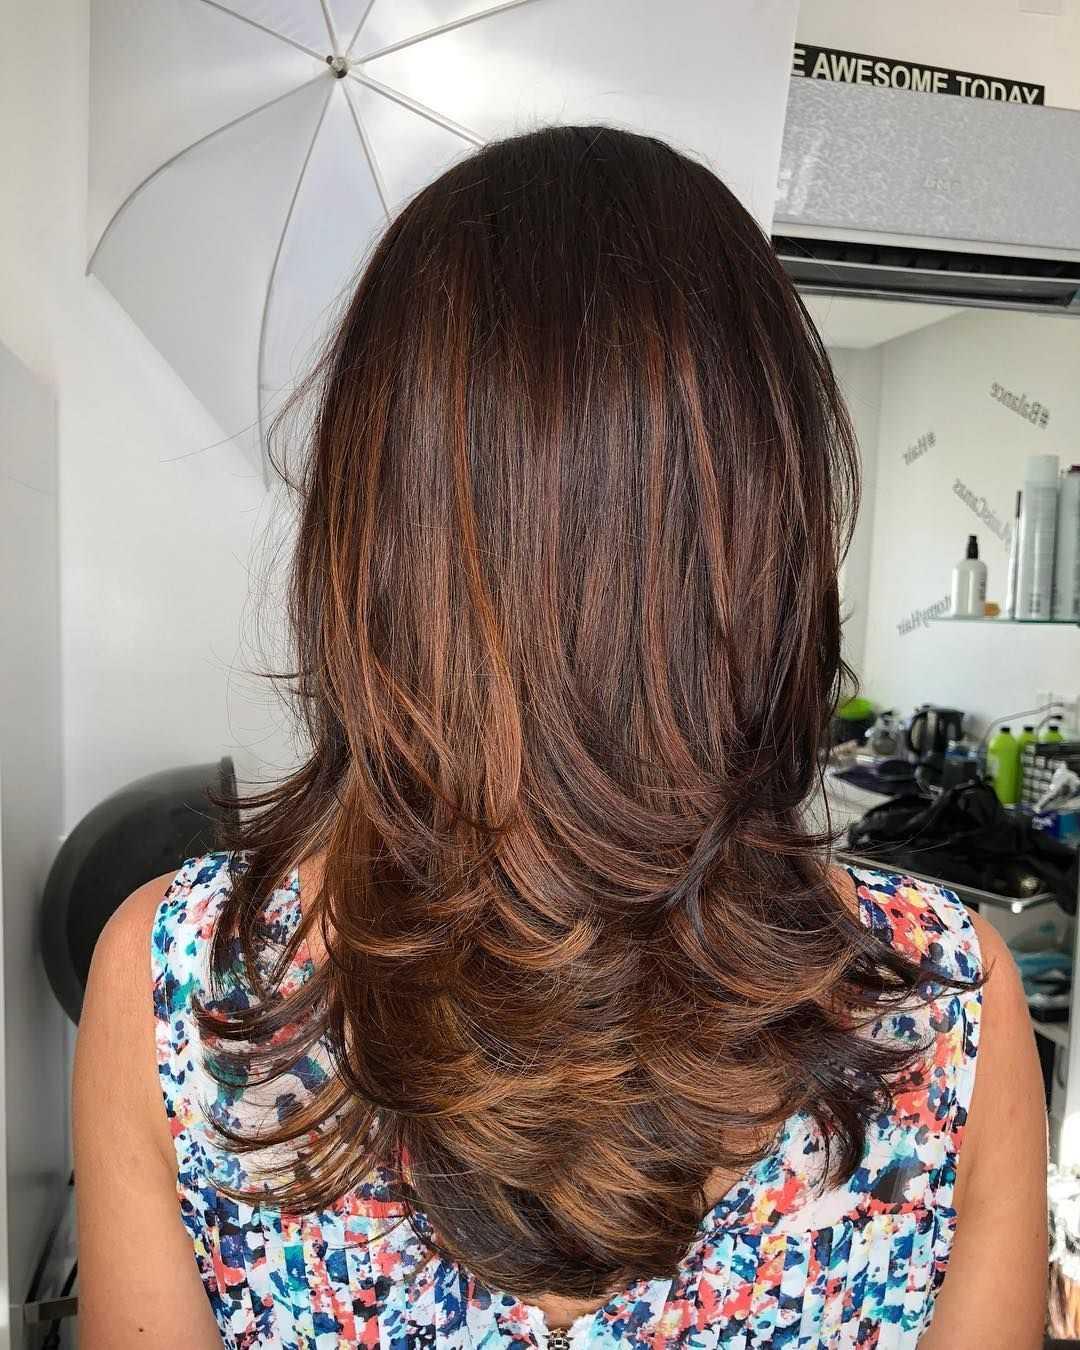 Градуированная стрижка на короткие, средние, длинные волосы